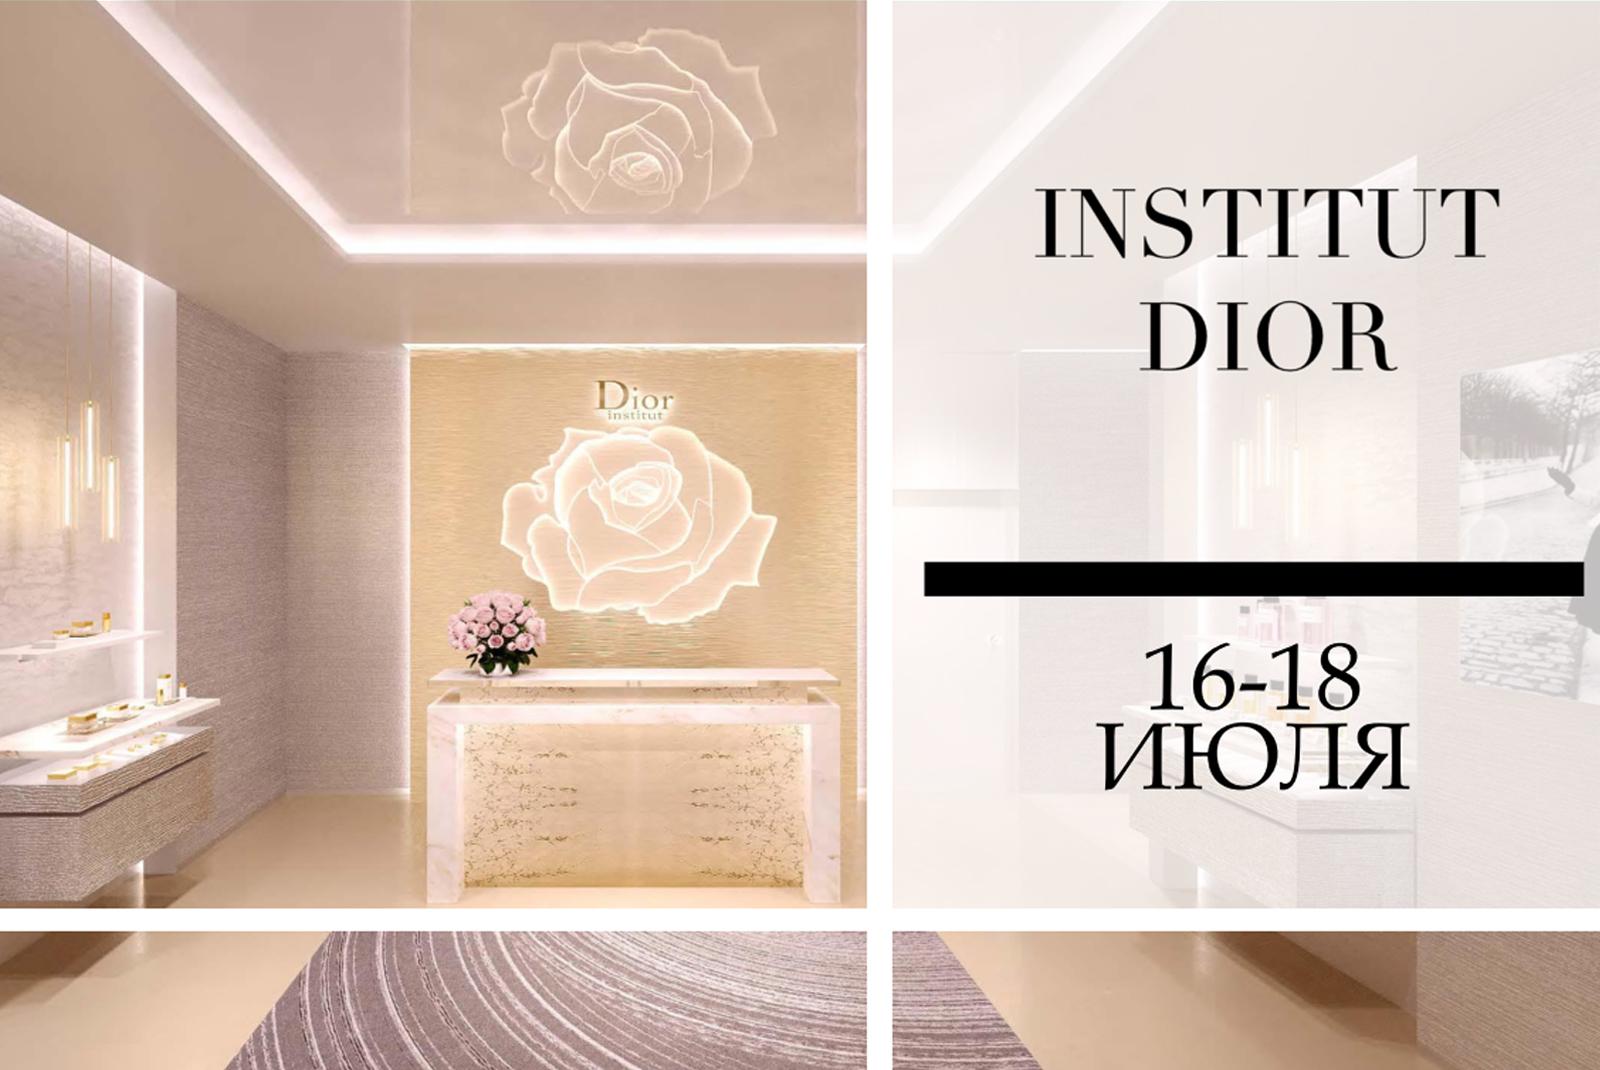 Institute Dior Celebrates Its Birthday!